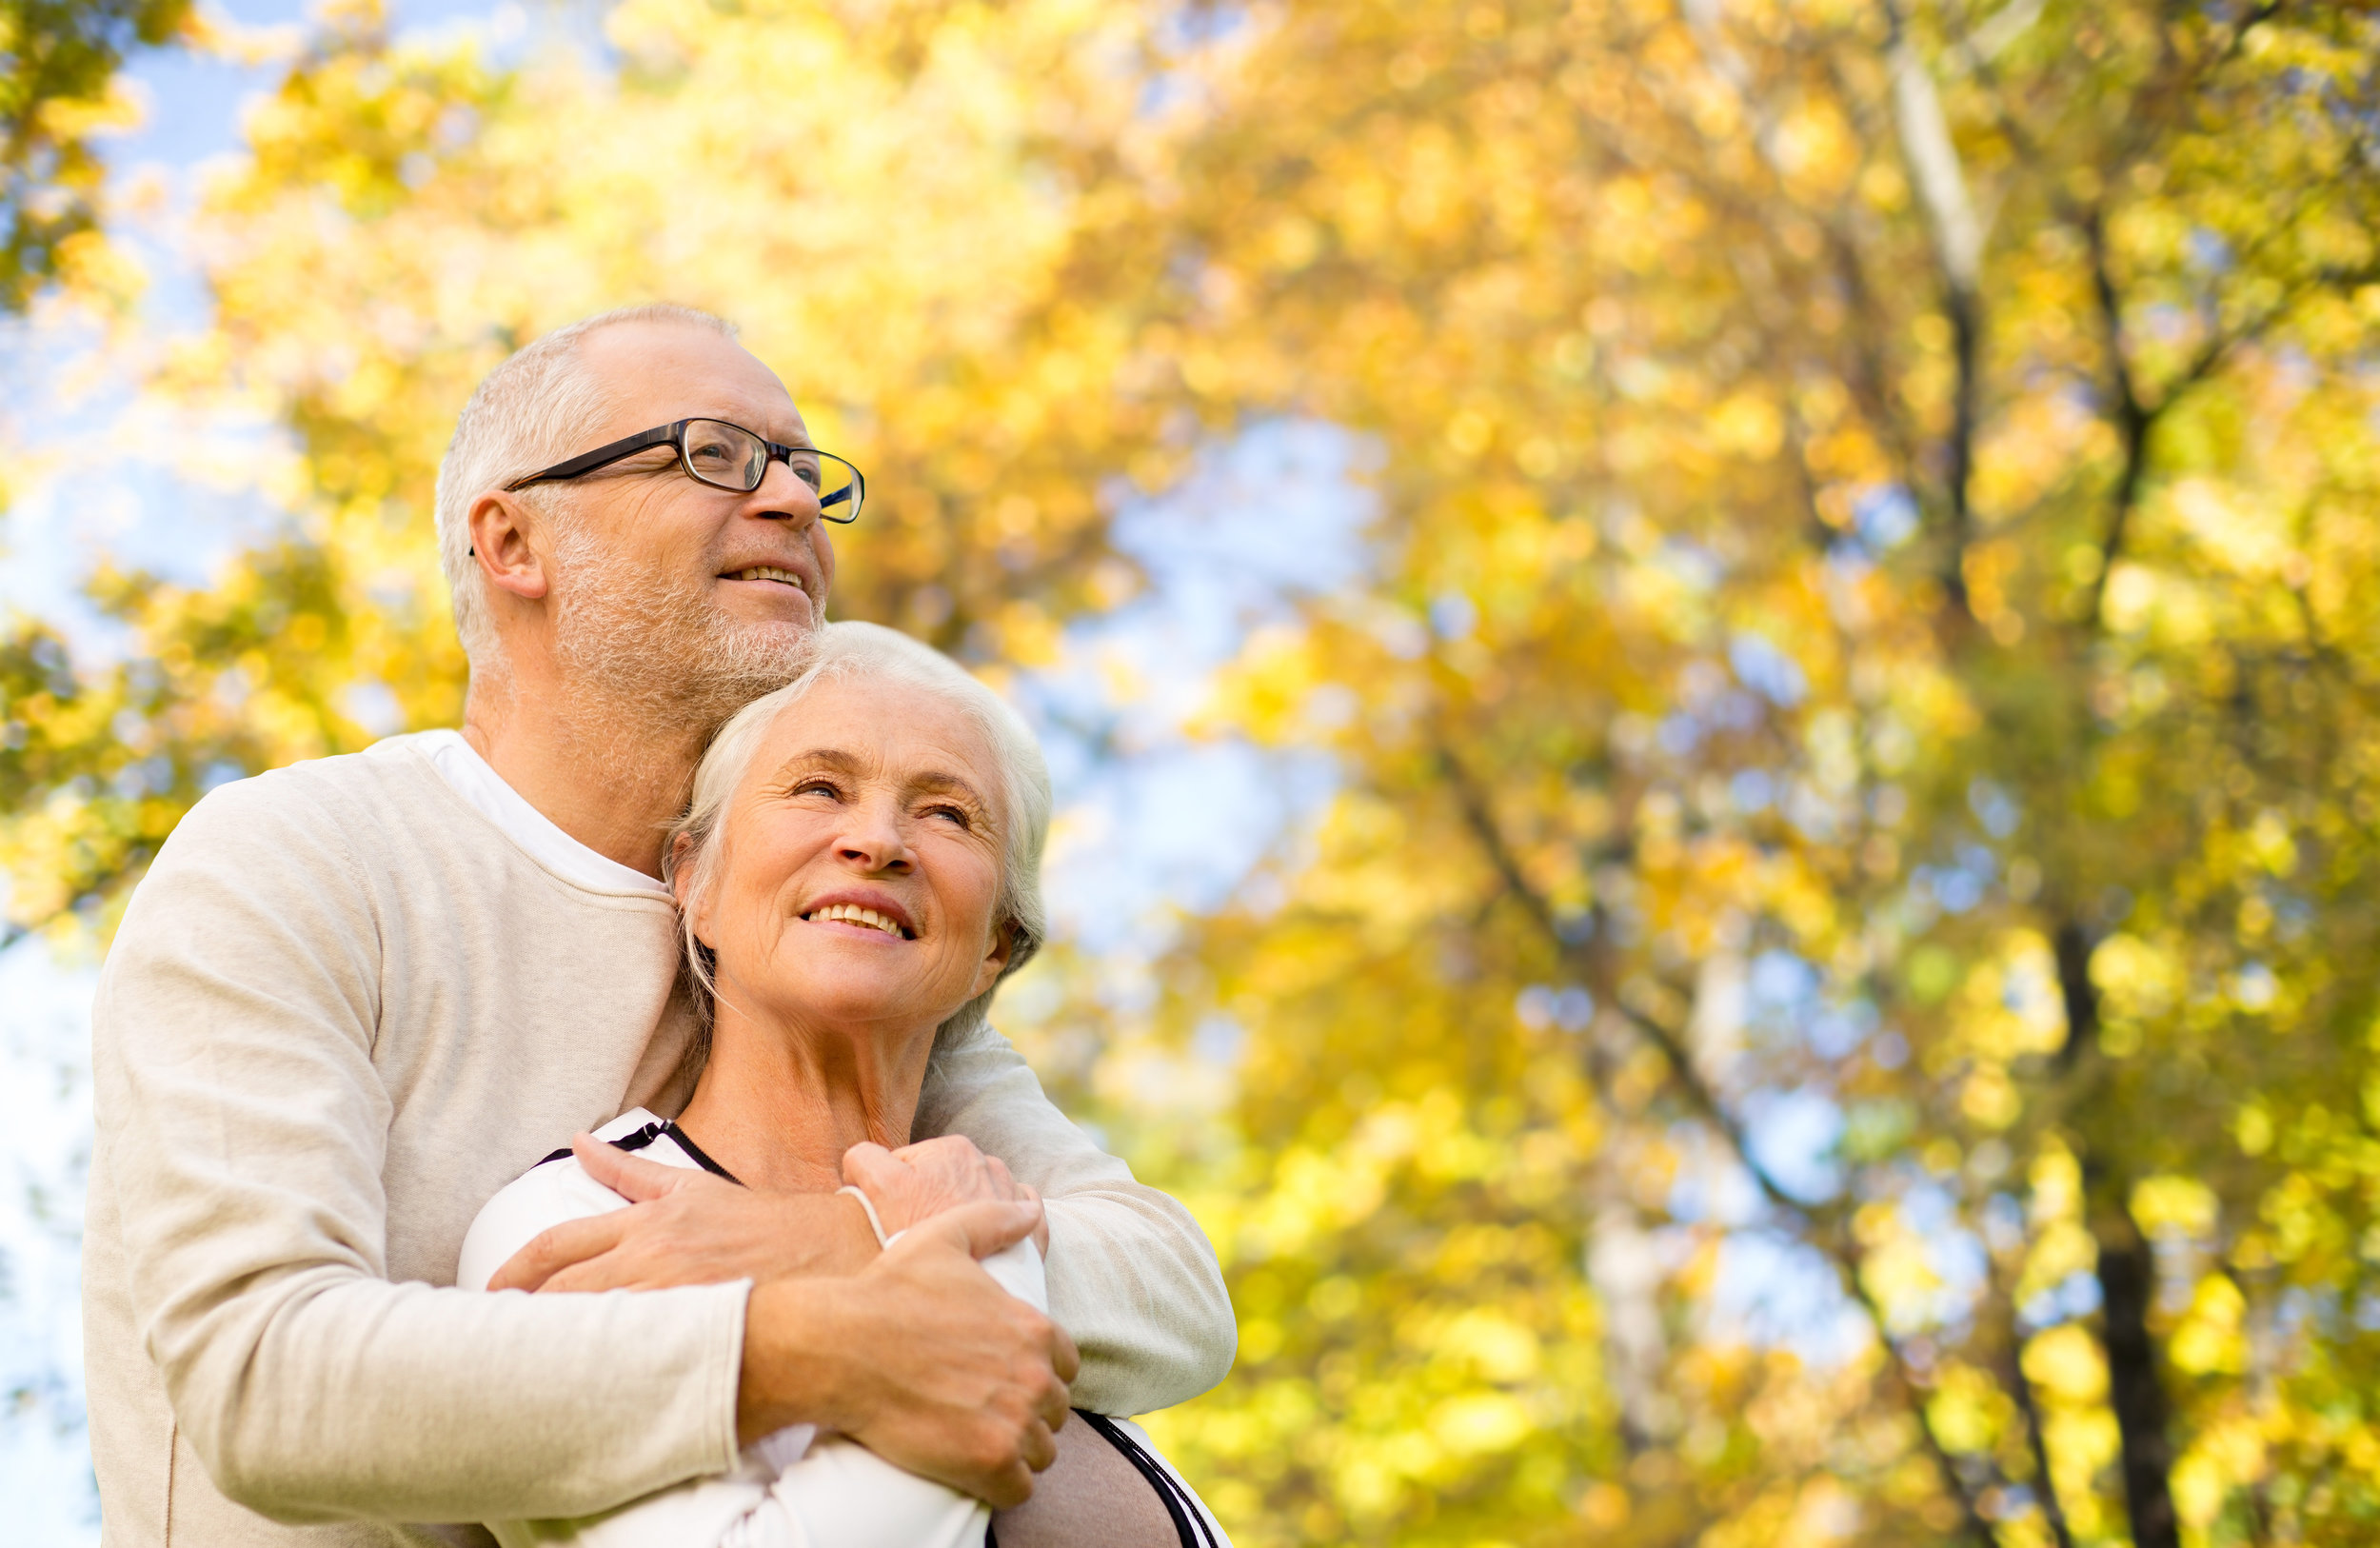 elderly-couple-enjoying-outdoors.jpeg